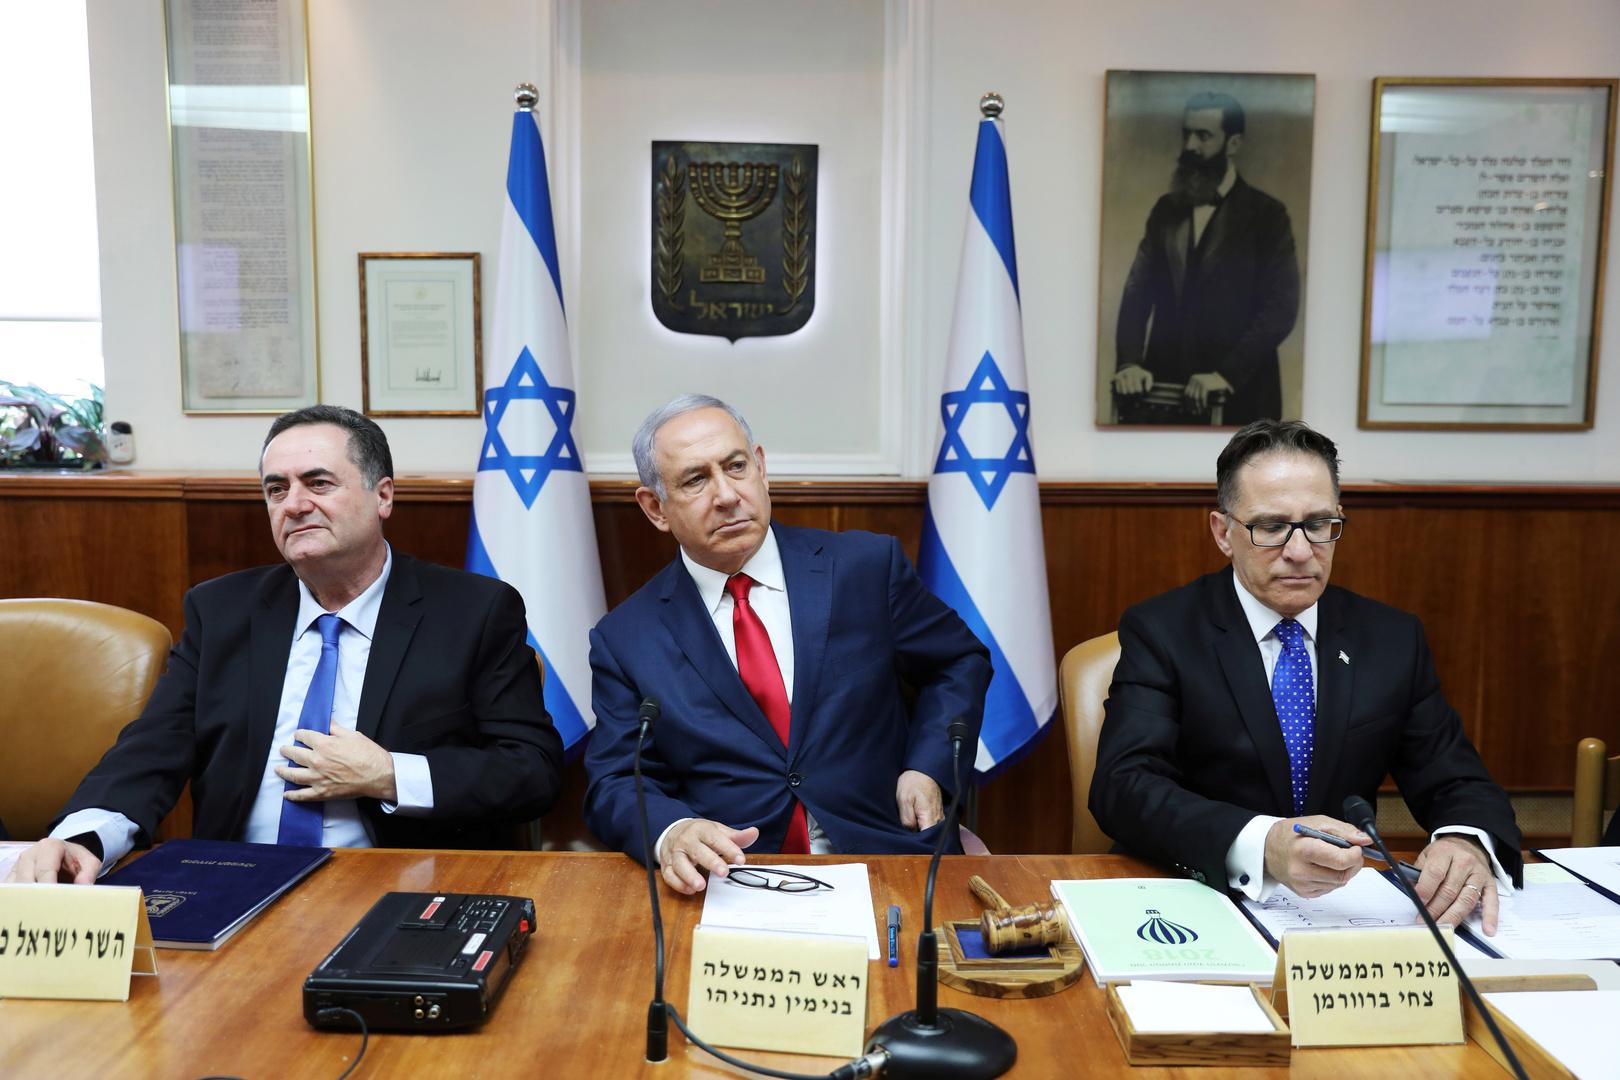 نتنياهو: اتصالي مع ملك البحرين كان دافئا جدا وإسرائيل على أبواب حقبة جديدة